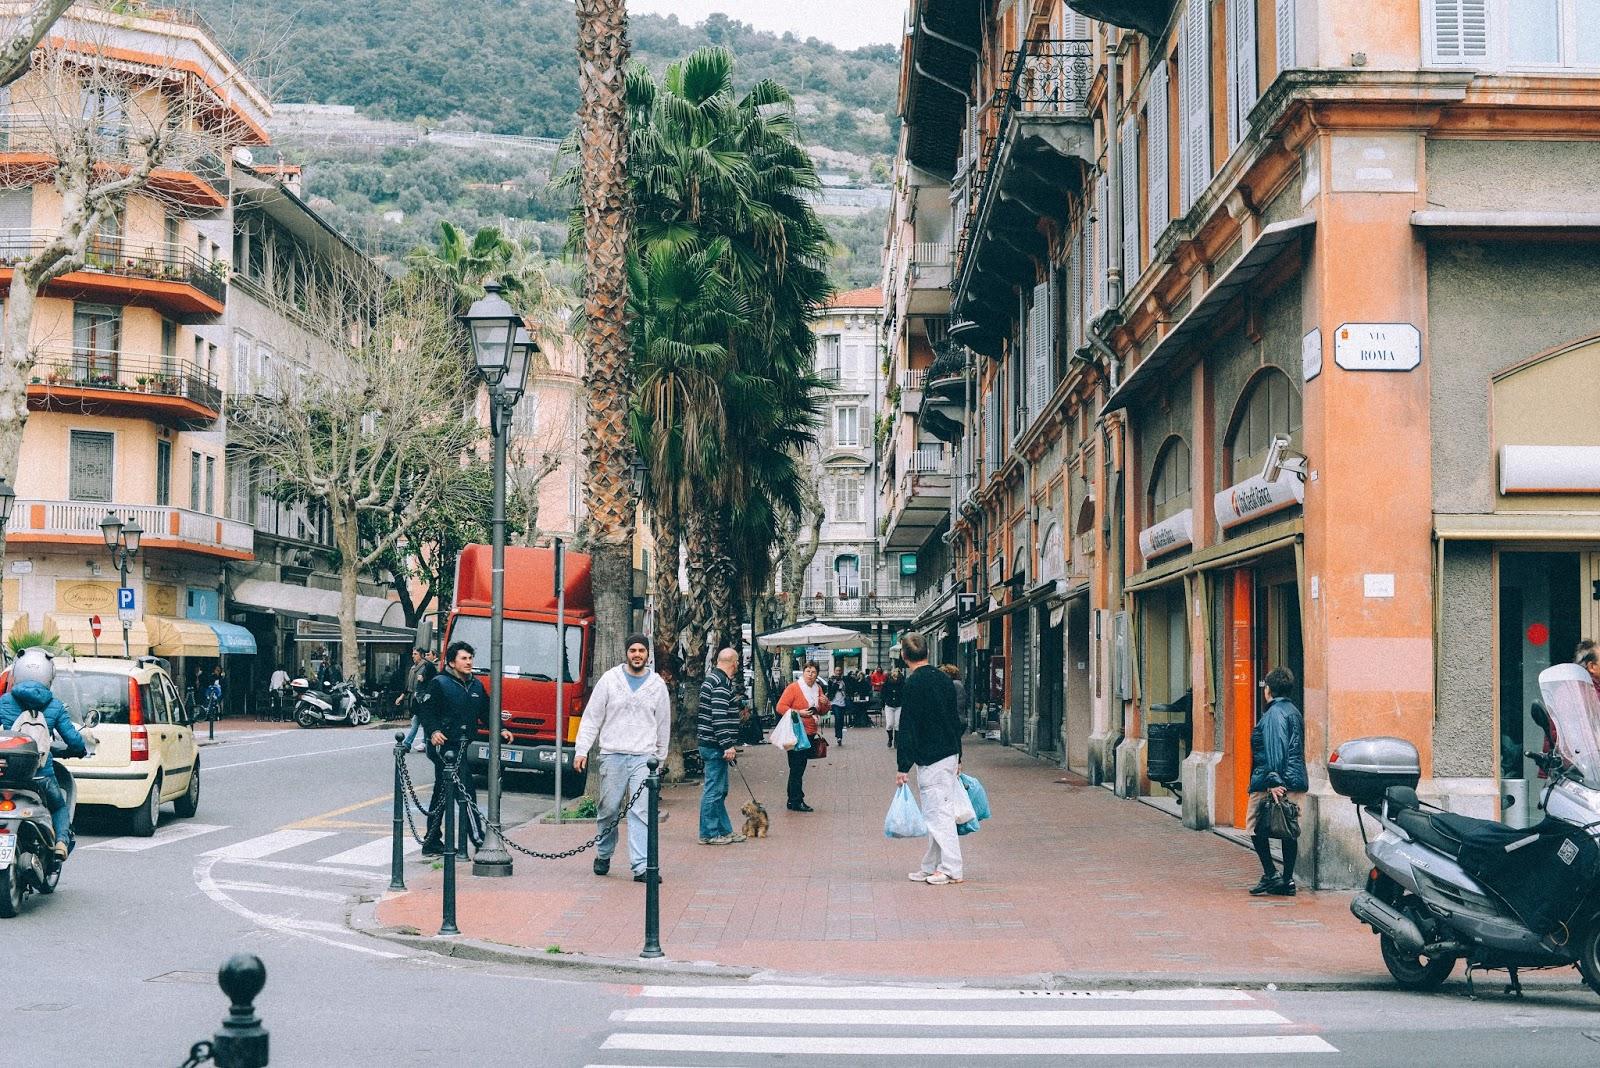 rue de Ventimiglia